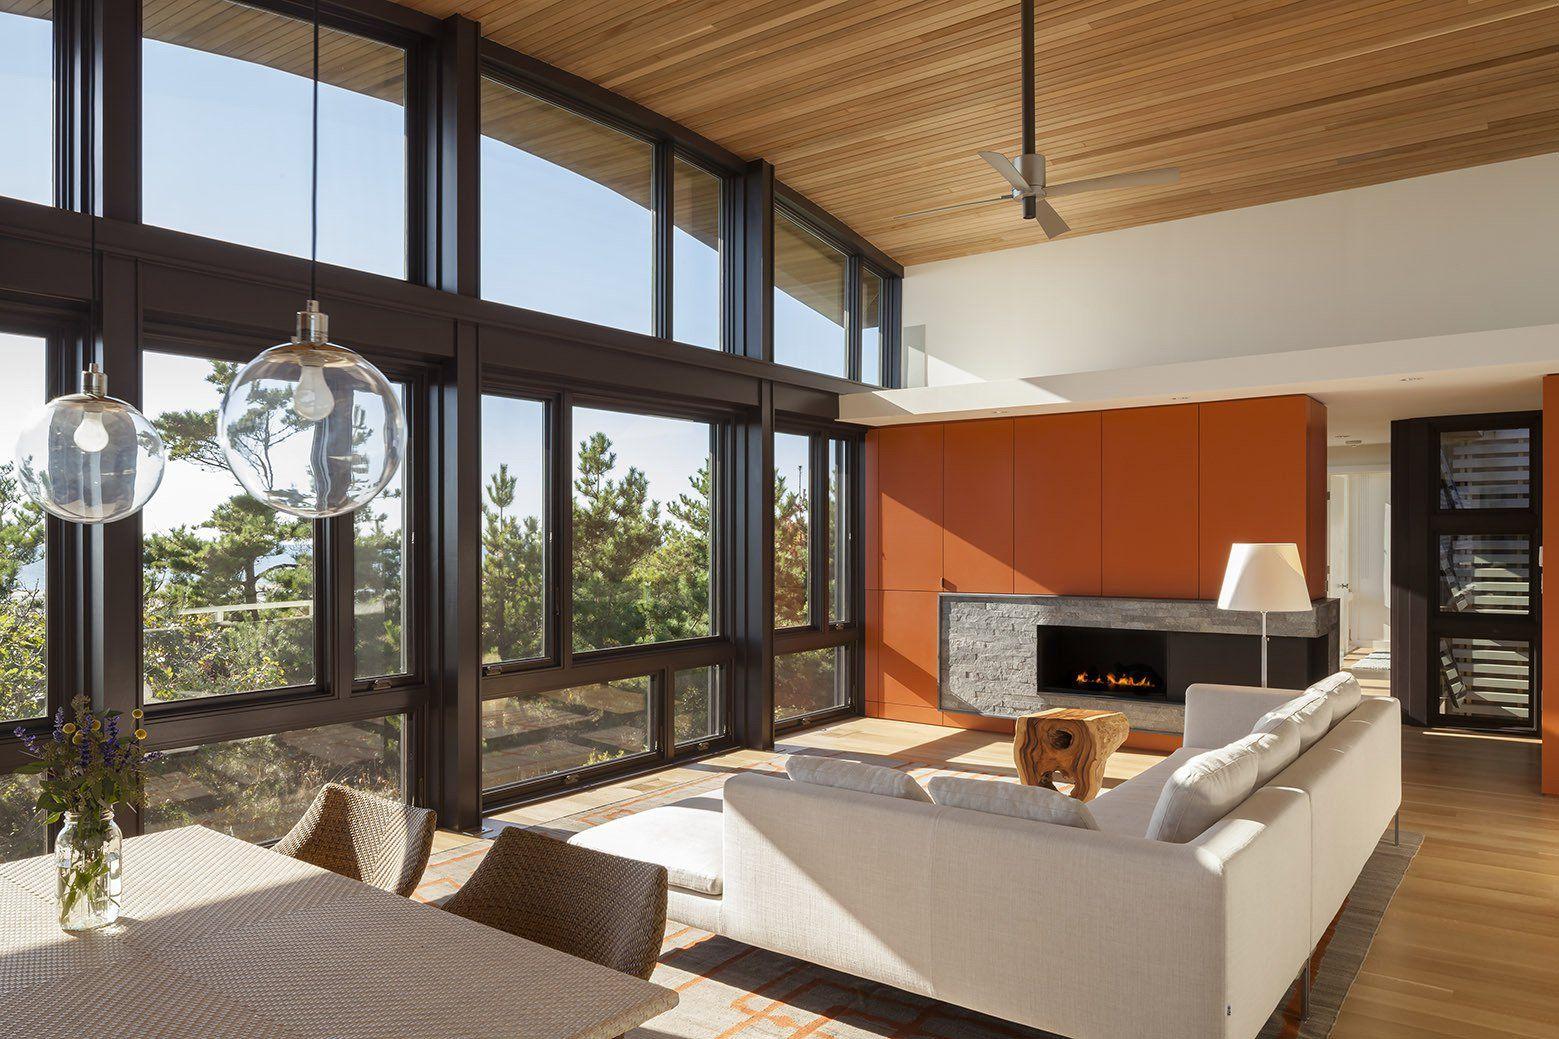 Galería - Casa en la dunas / Ruhl Walker Architects